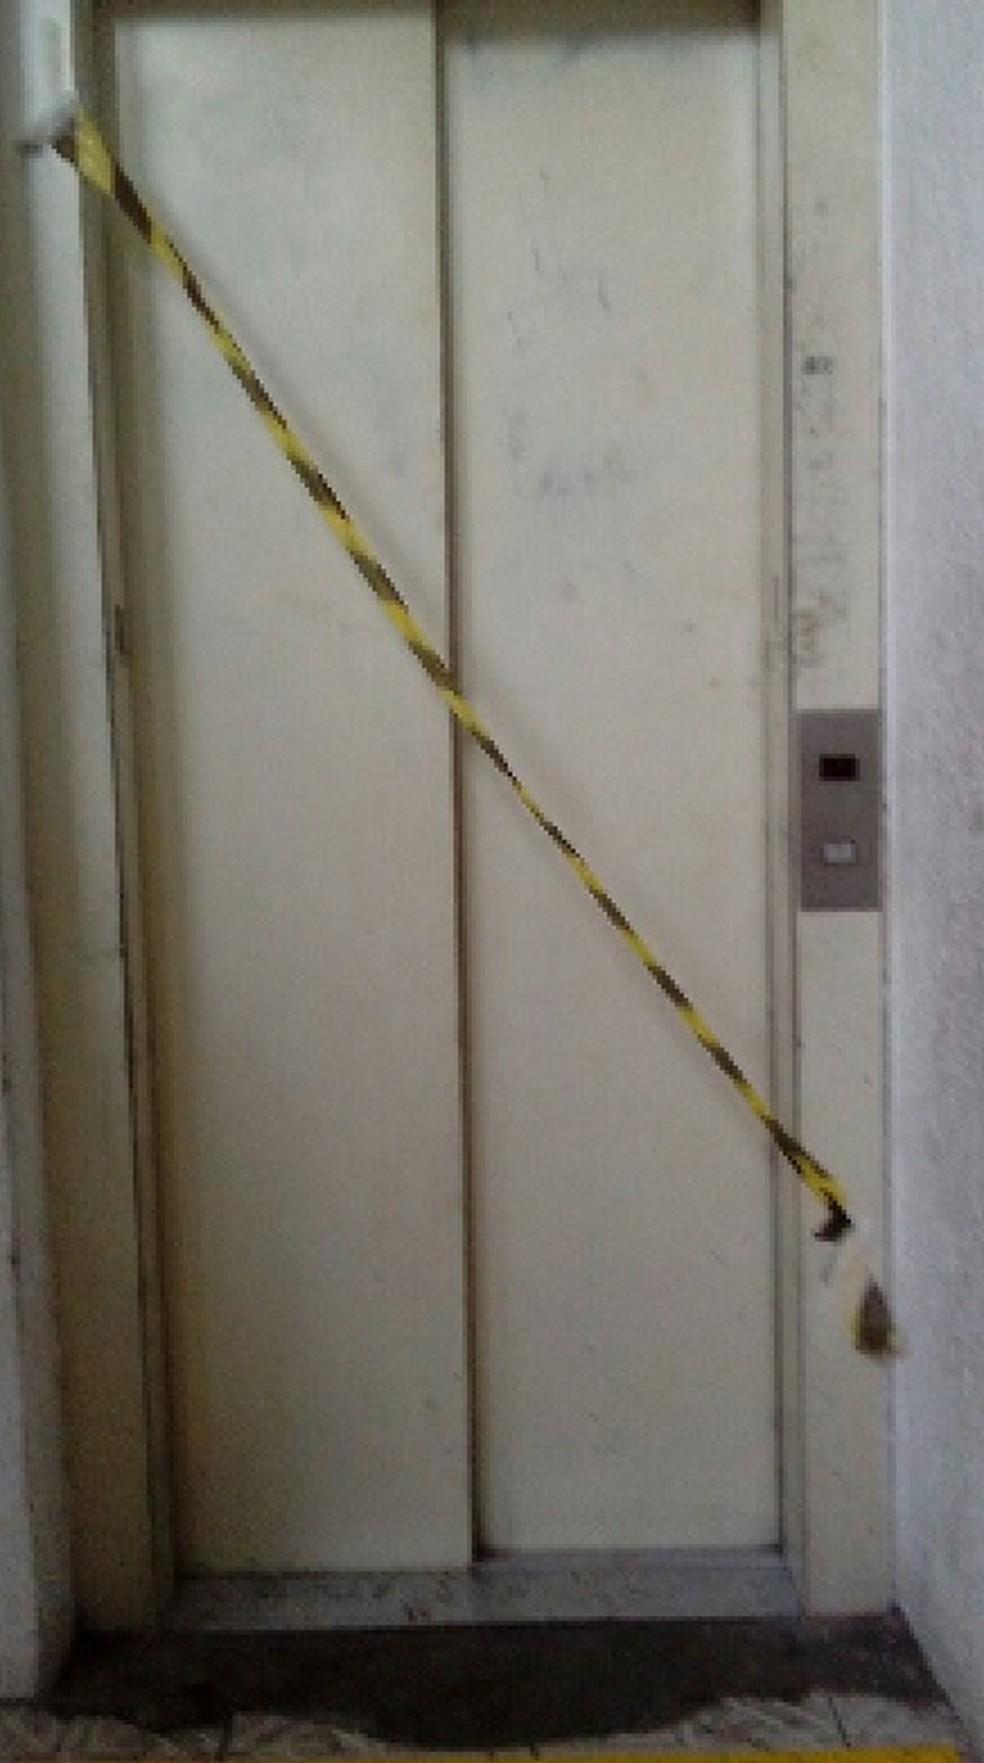 Paloma diz que elevador está